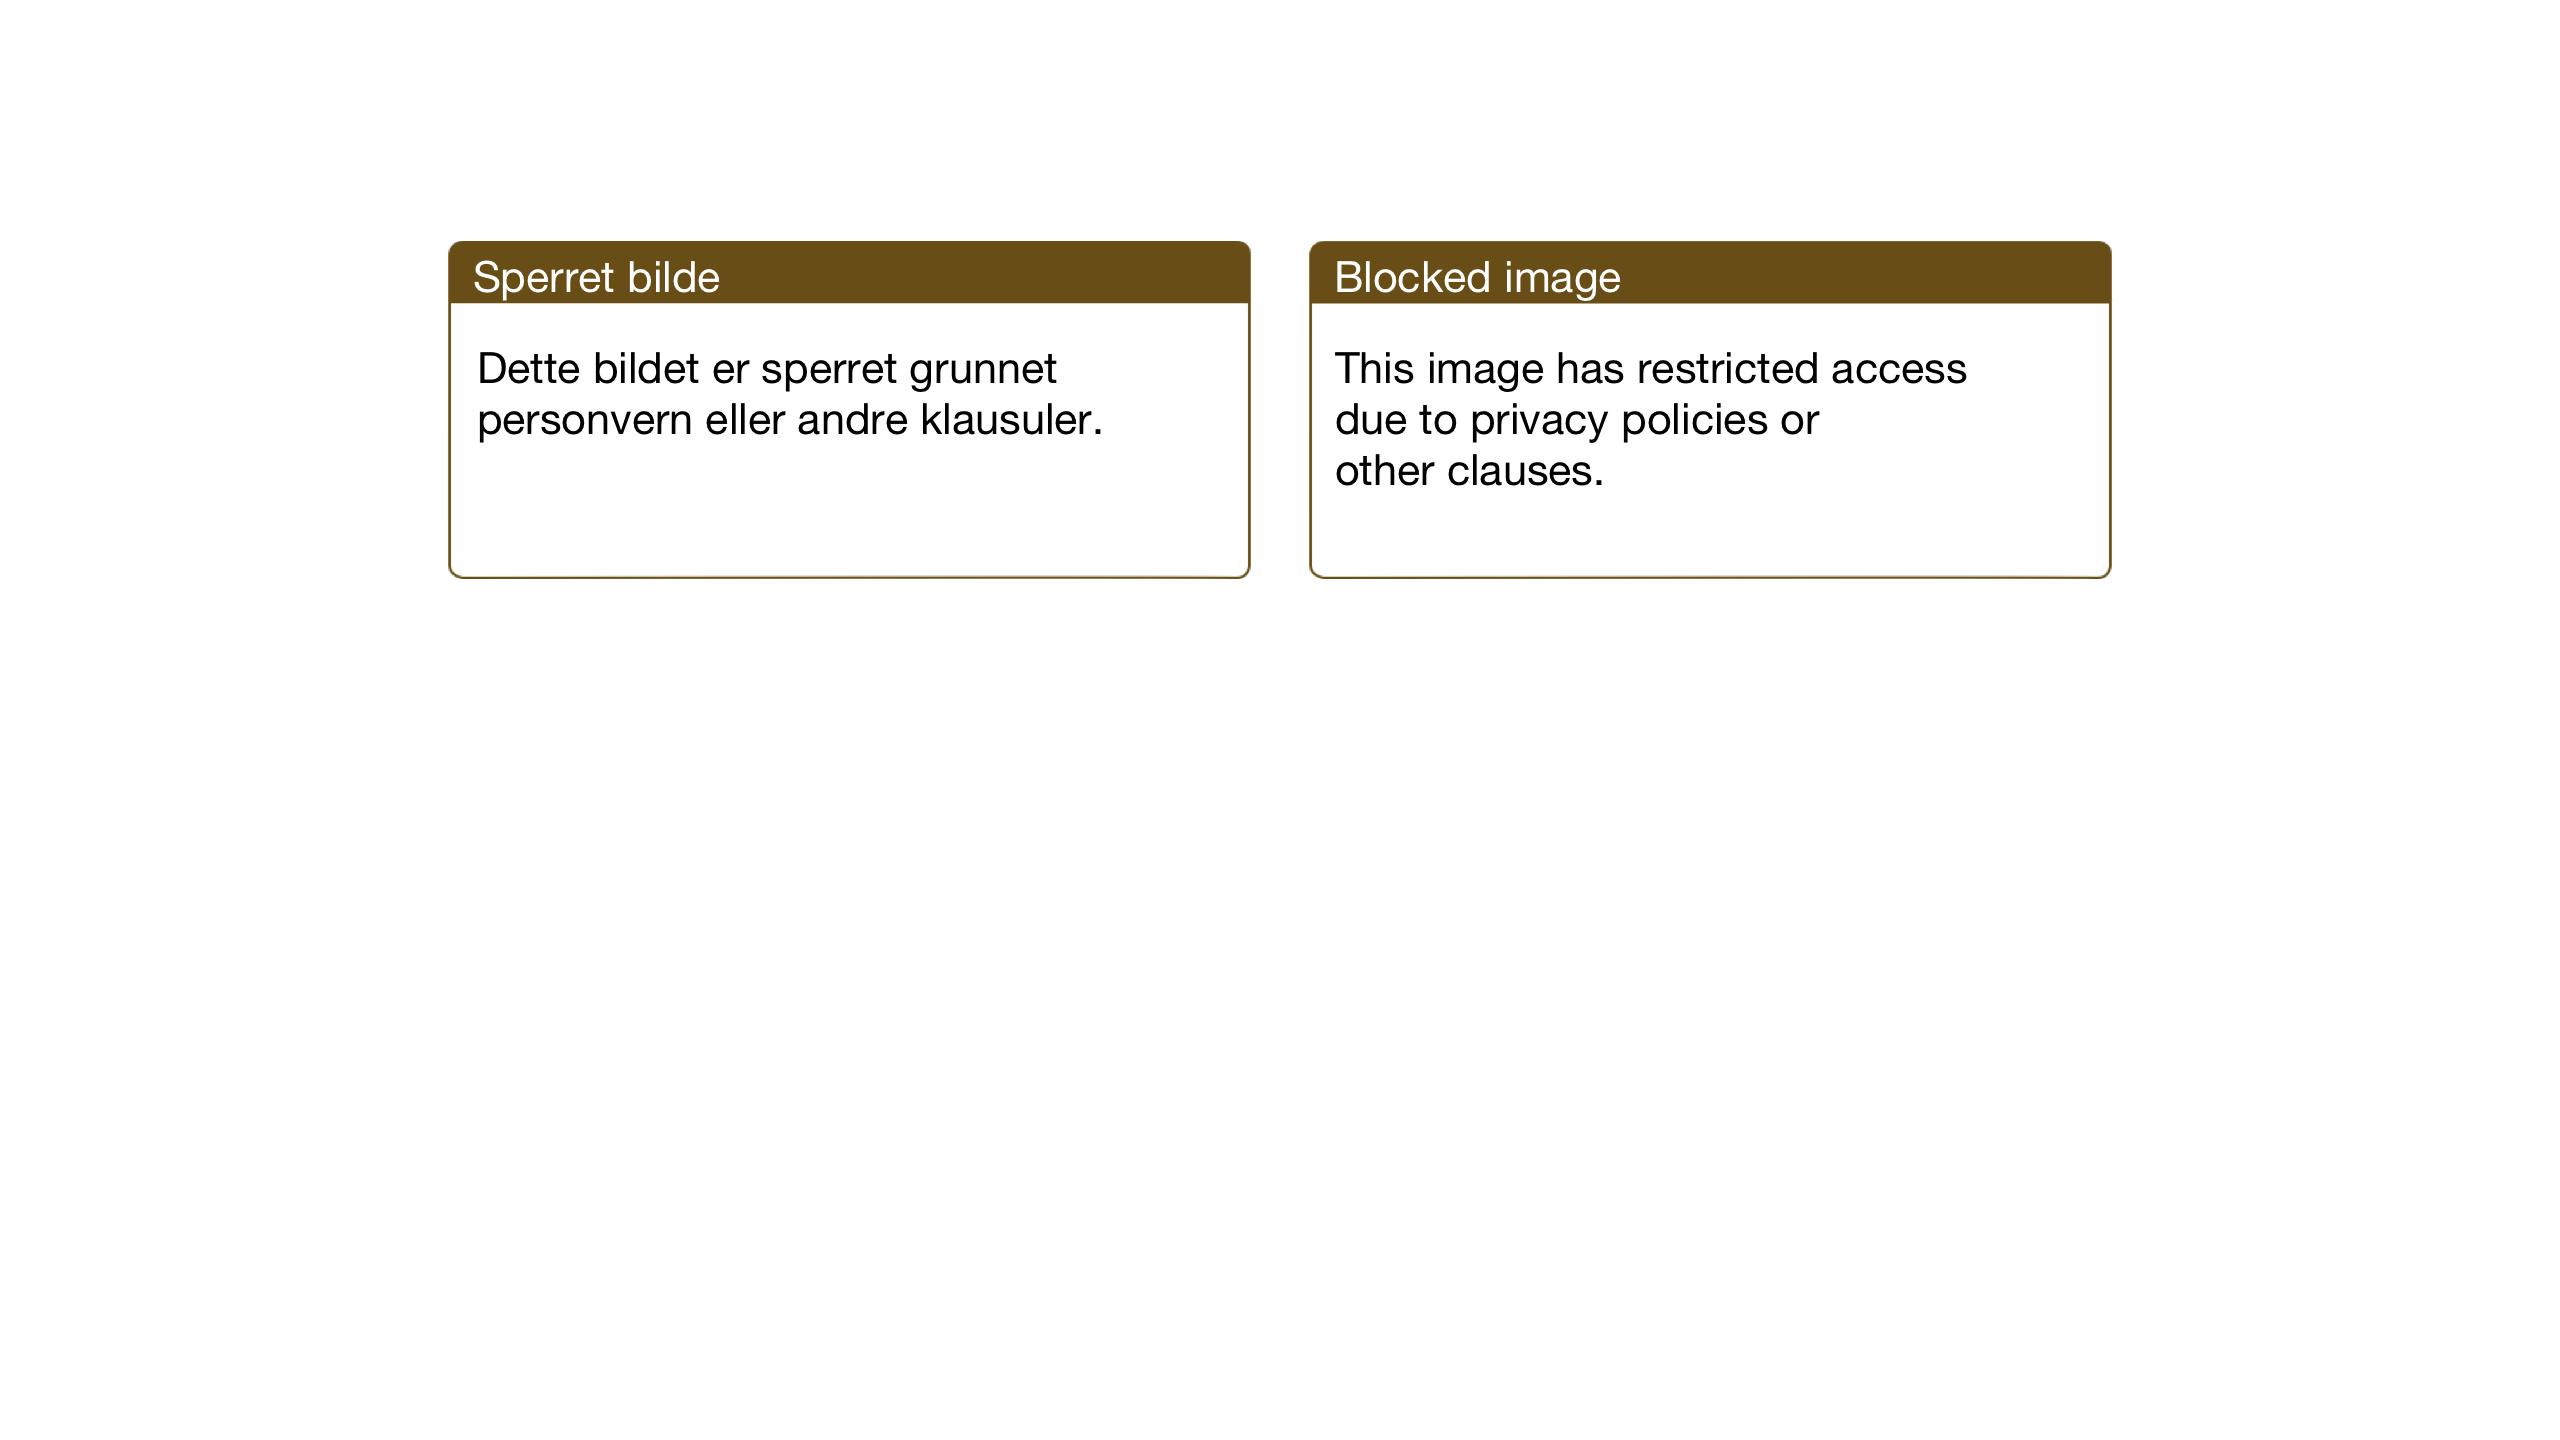 SAT, Ministerialprotokoller, klokkerbøker og fødselsregistre - Nord-Trøndelag, 770/L0592: Klokkerbok nr. 770C03, 1941-1950, s. 148